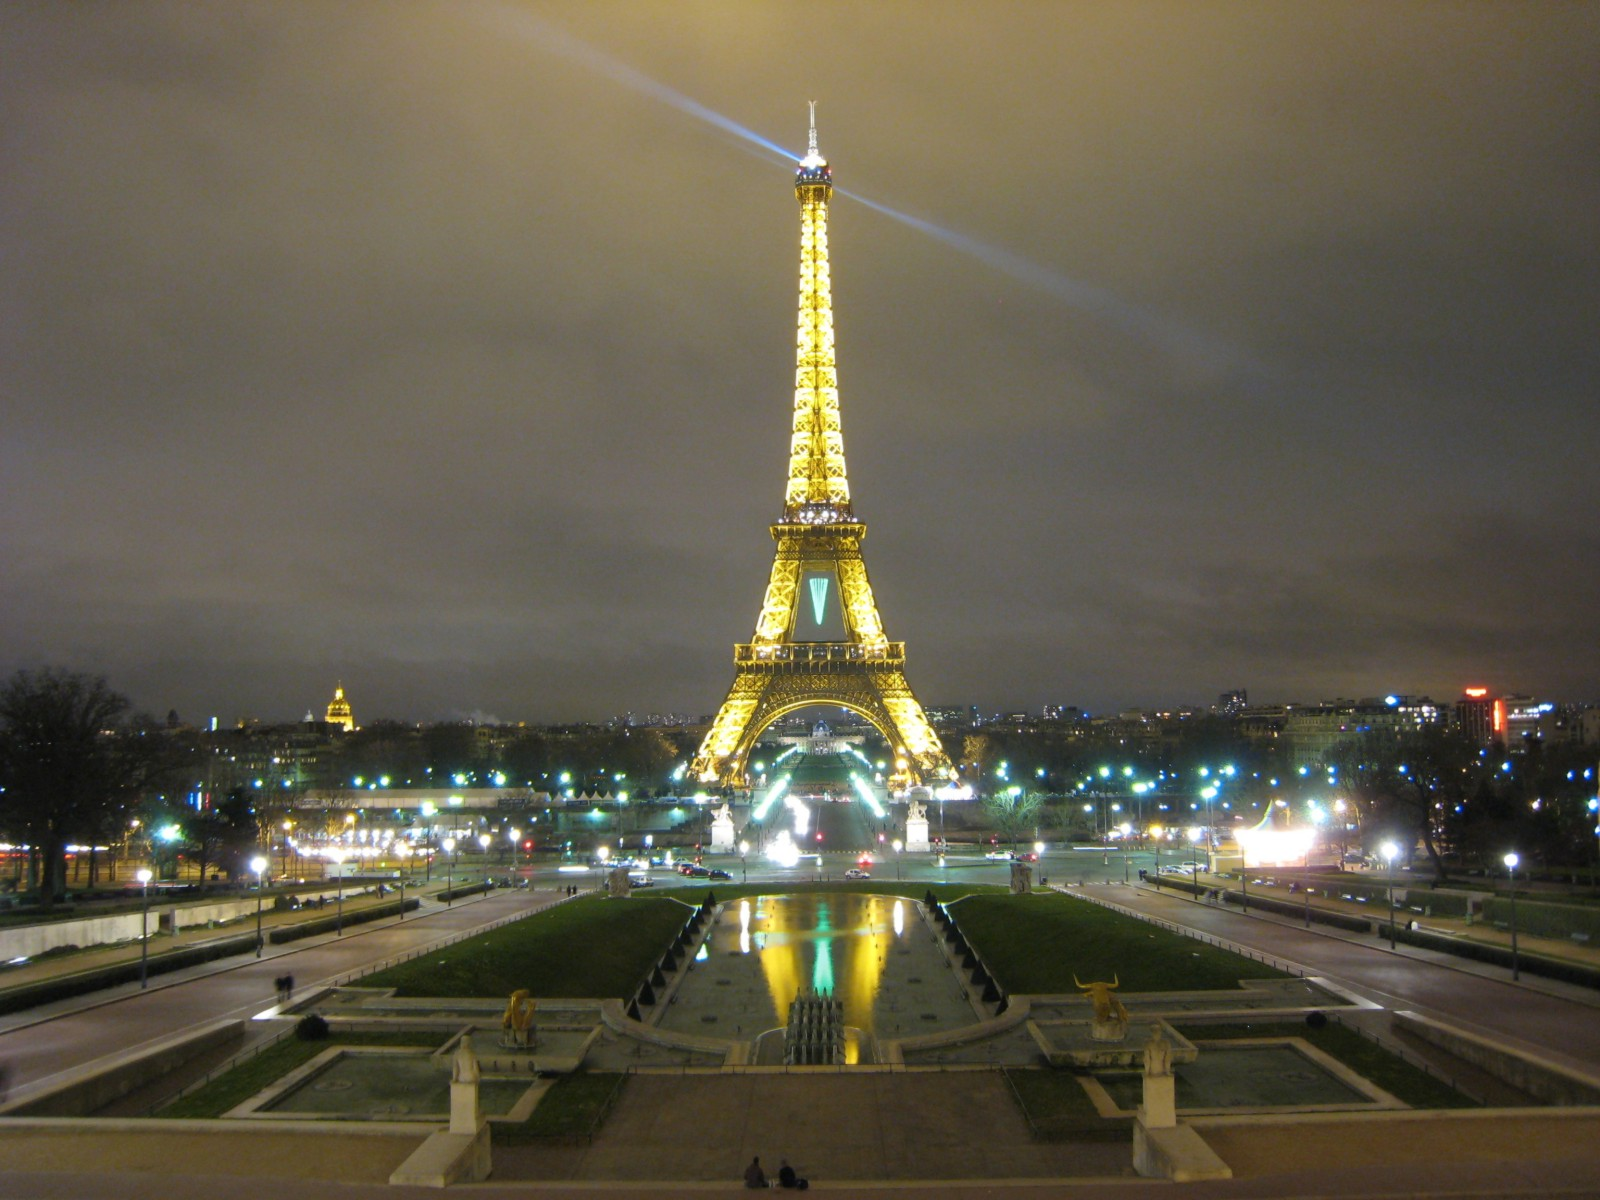 Paris Paris Eiffel Tower at Night 1600x1200